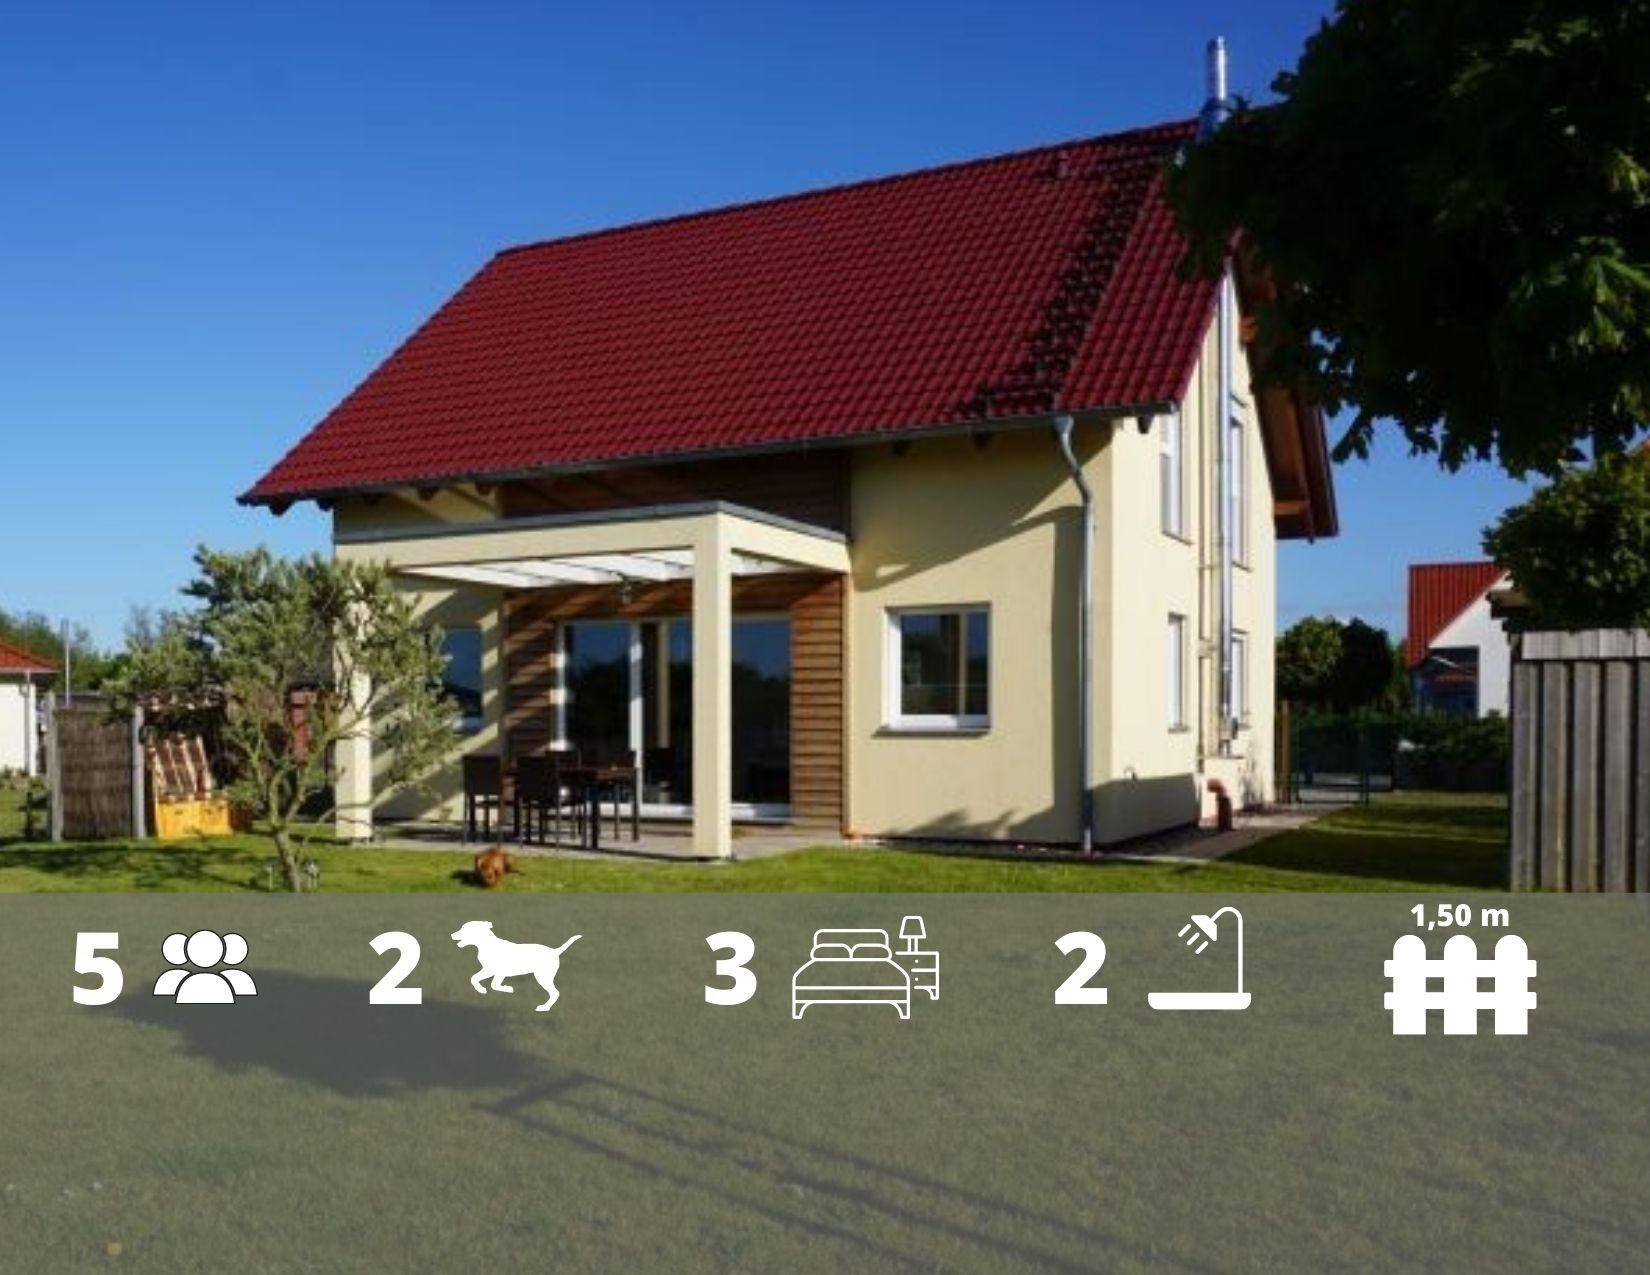 Ferienhaus Bernstein mit Kamin, Sauna, Zaun 800m zum Naturstrand